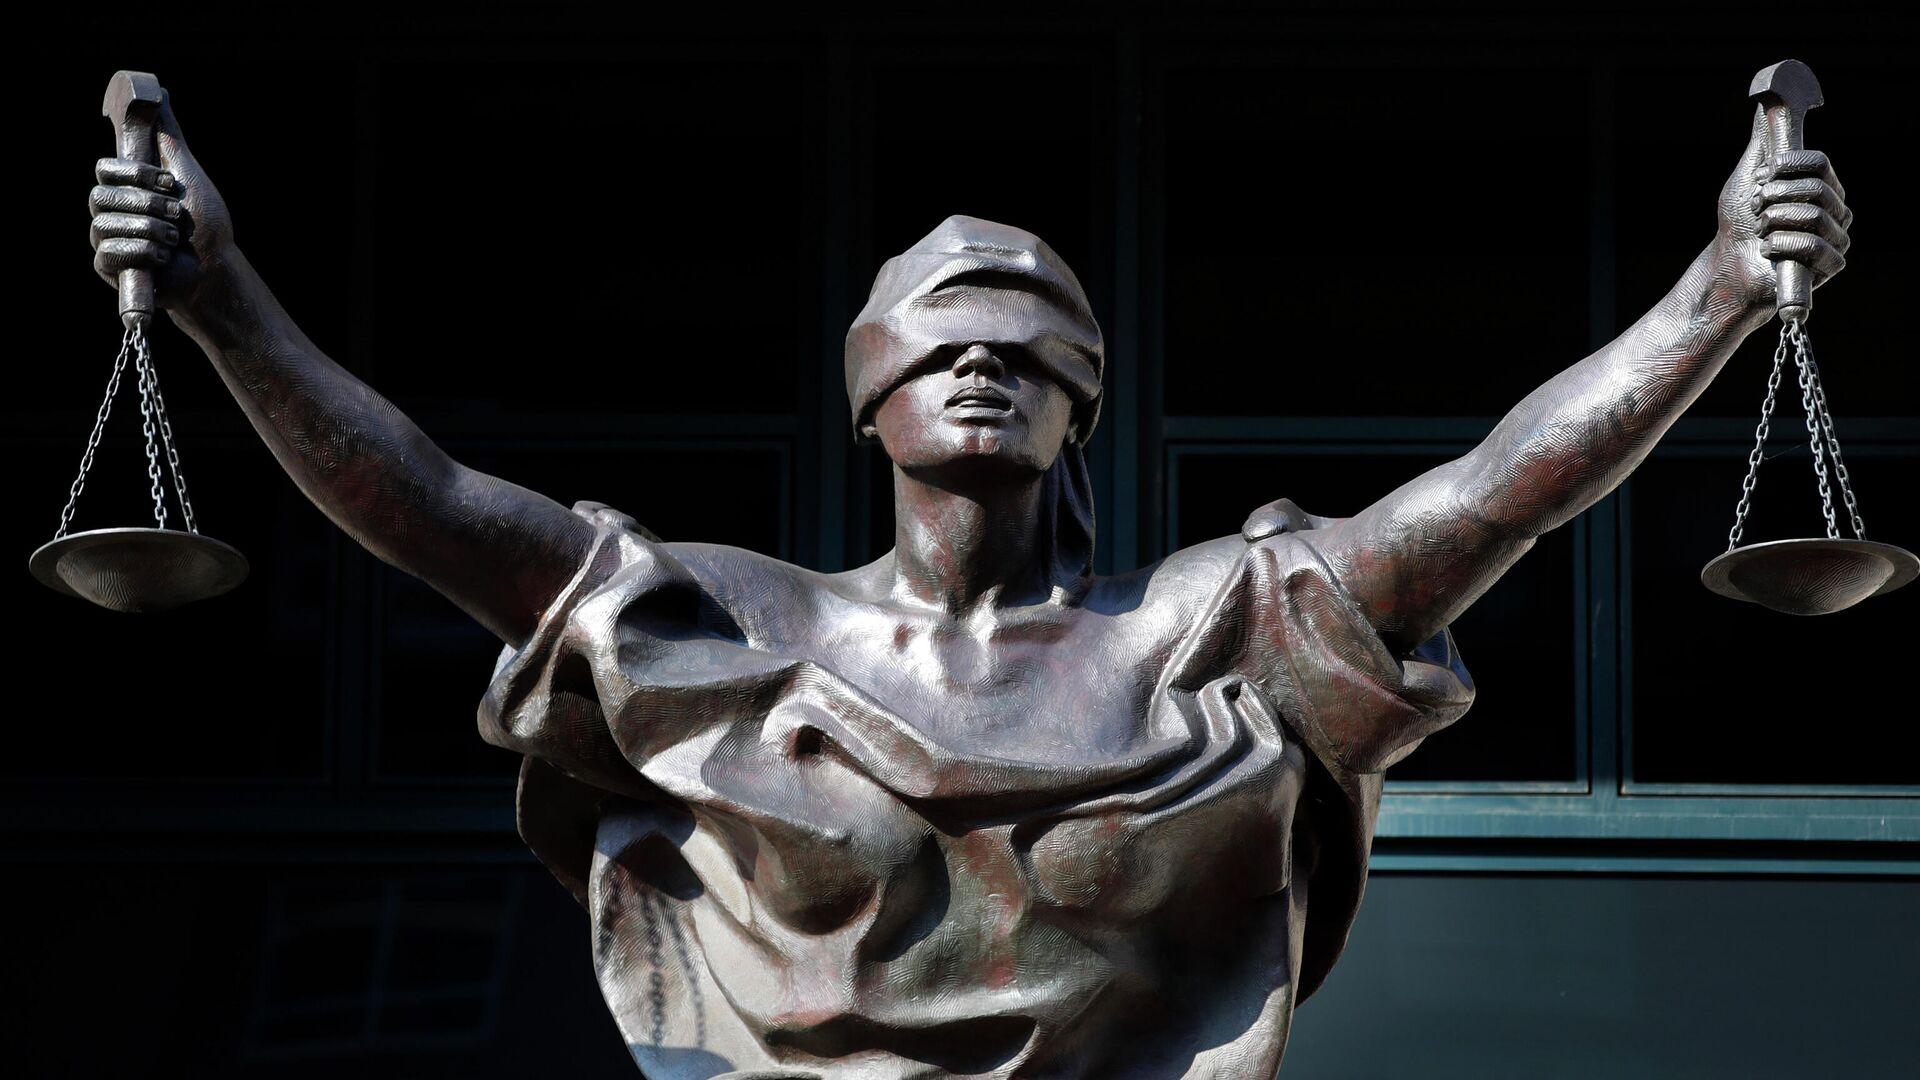 Статуя Фемиды у здания федерального суда в городе Александрия, штат Вирджиния, США - РИА Новости, 1920, 02.01.2021